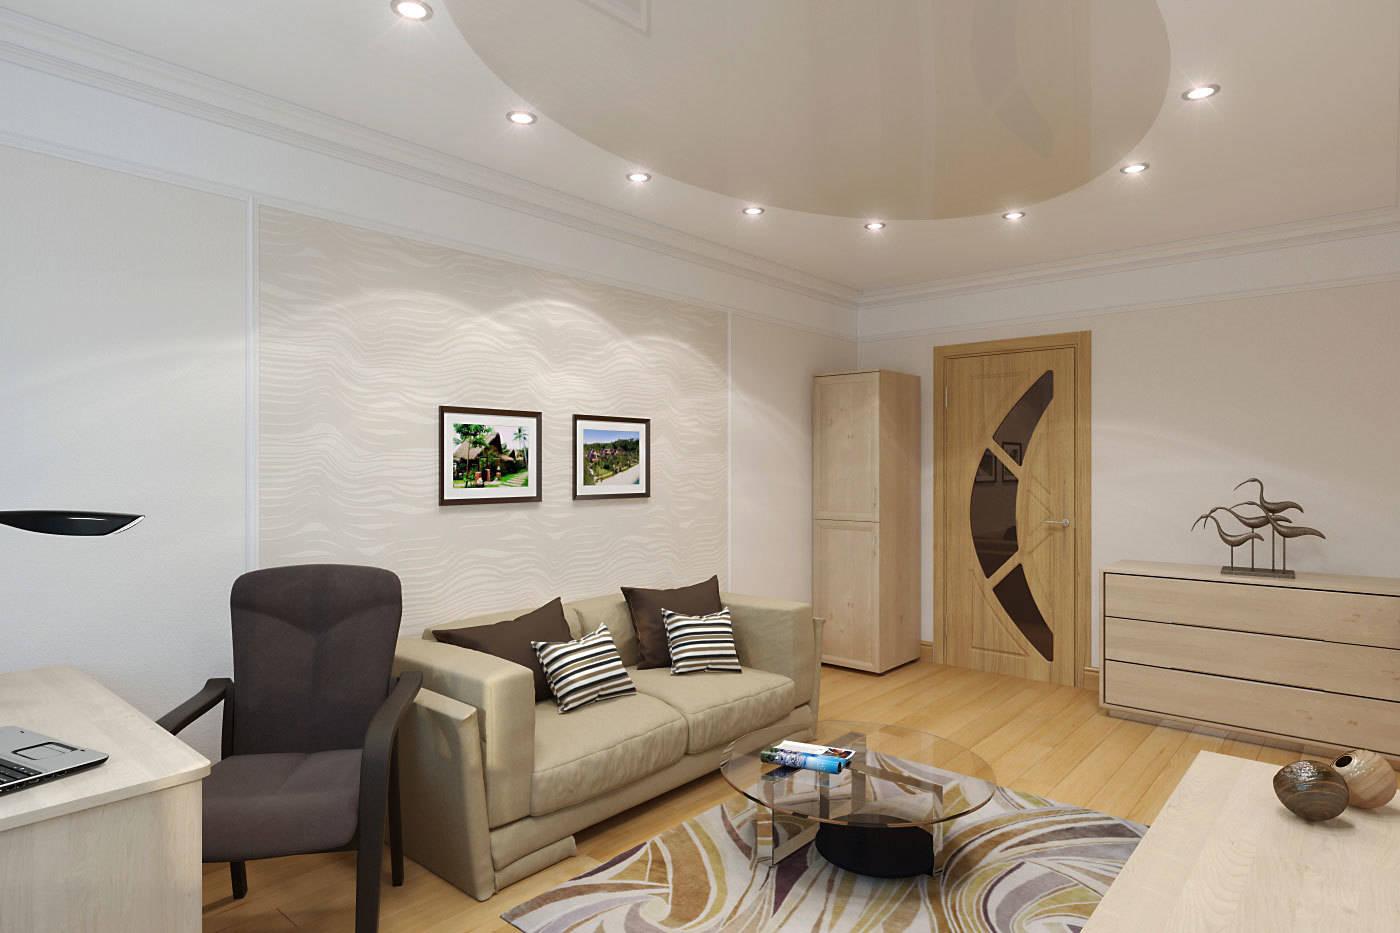 Интерьер квартиры с намеком на фэн-шуй